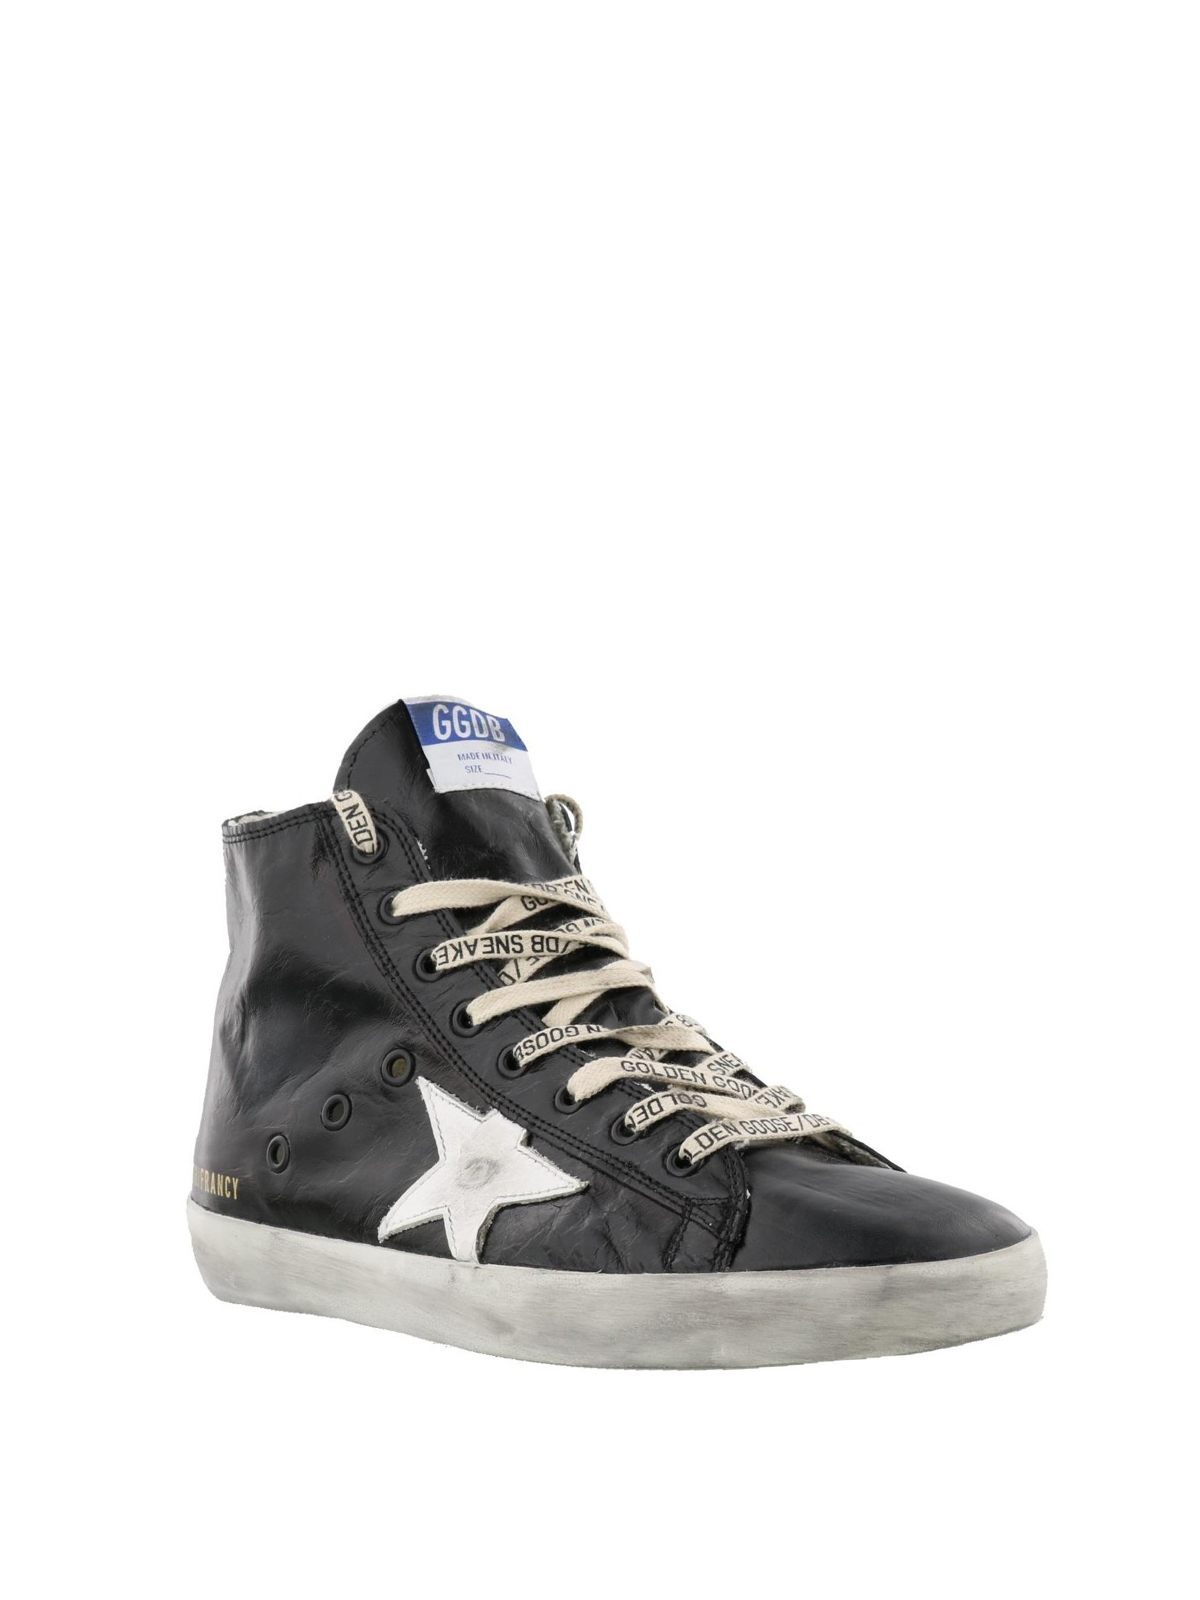 Golden Goose - Francy black sneakers